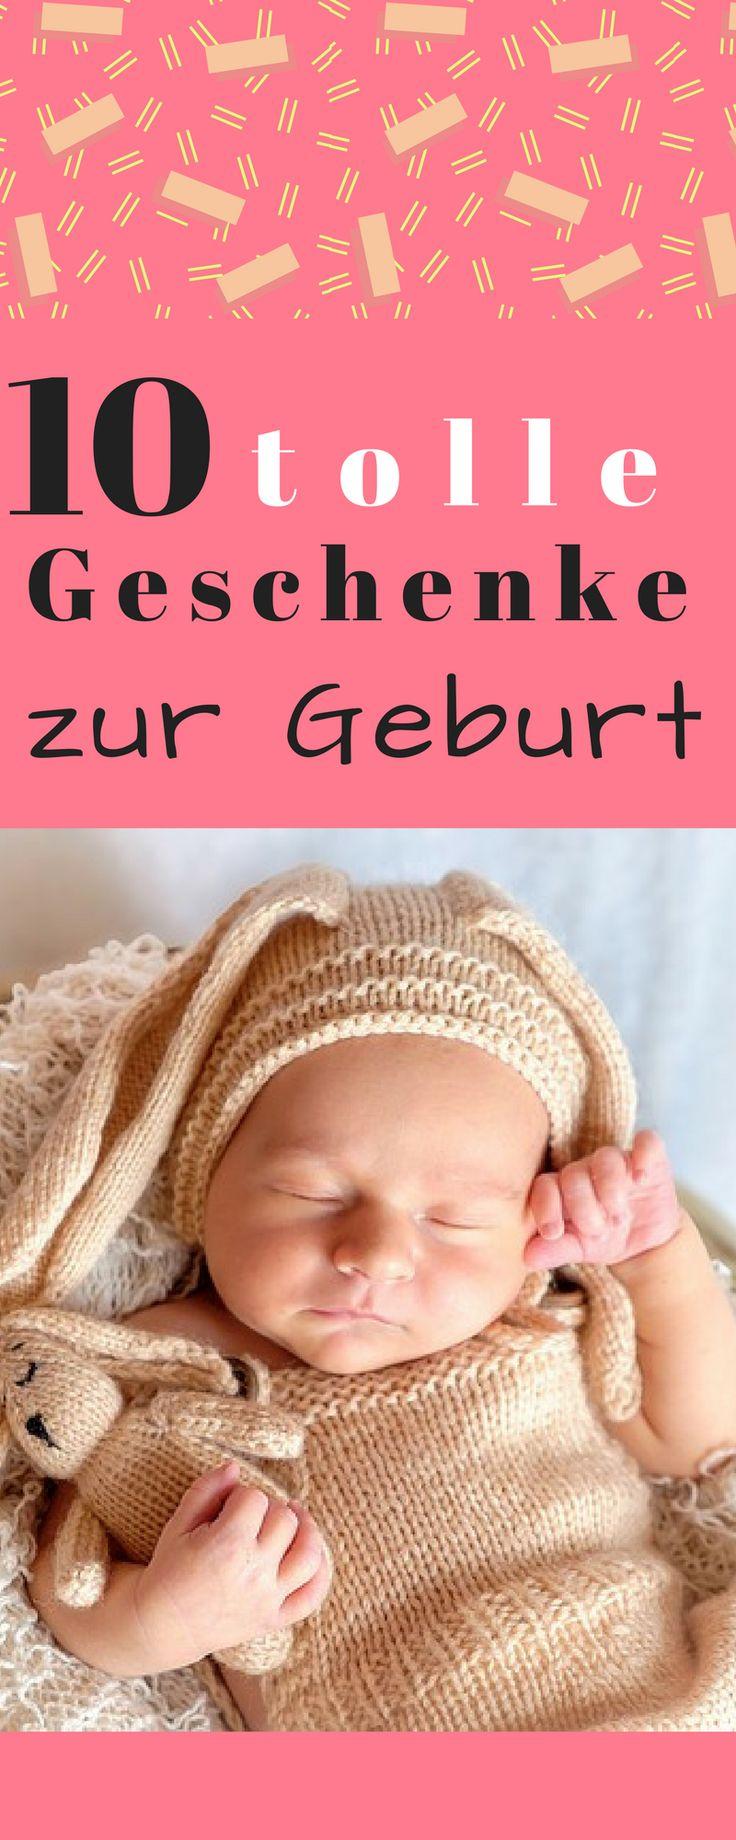 Geschenke zur Geburt, Geburtsgeschenke Ideen,über diese 10 Geschenke für die Geburt eines Babys freuen sich die Eltern wie auch das Baby. Geschenke Geburt Mädchen, Geschenke Geburt Junge, Taufgeschenke, DIY Geburtsgeschenk